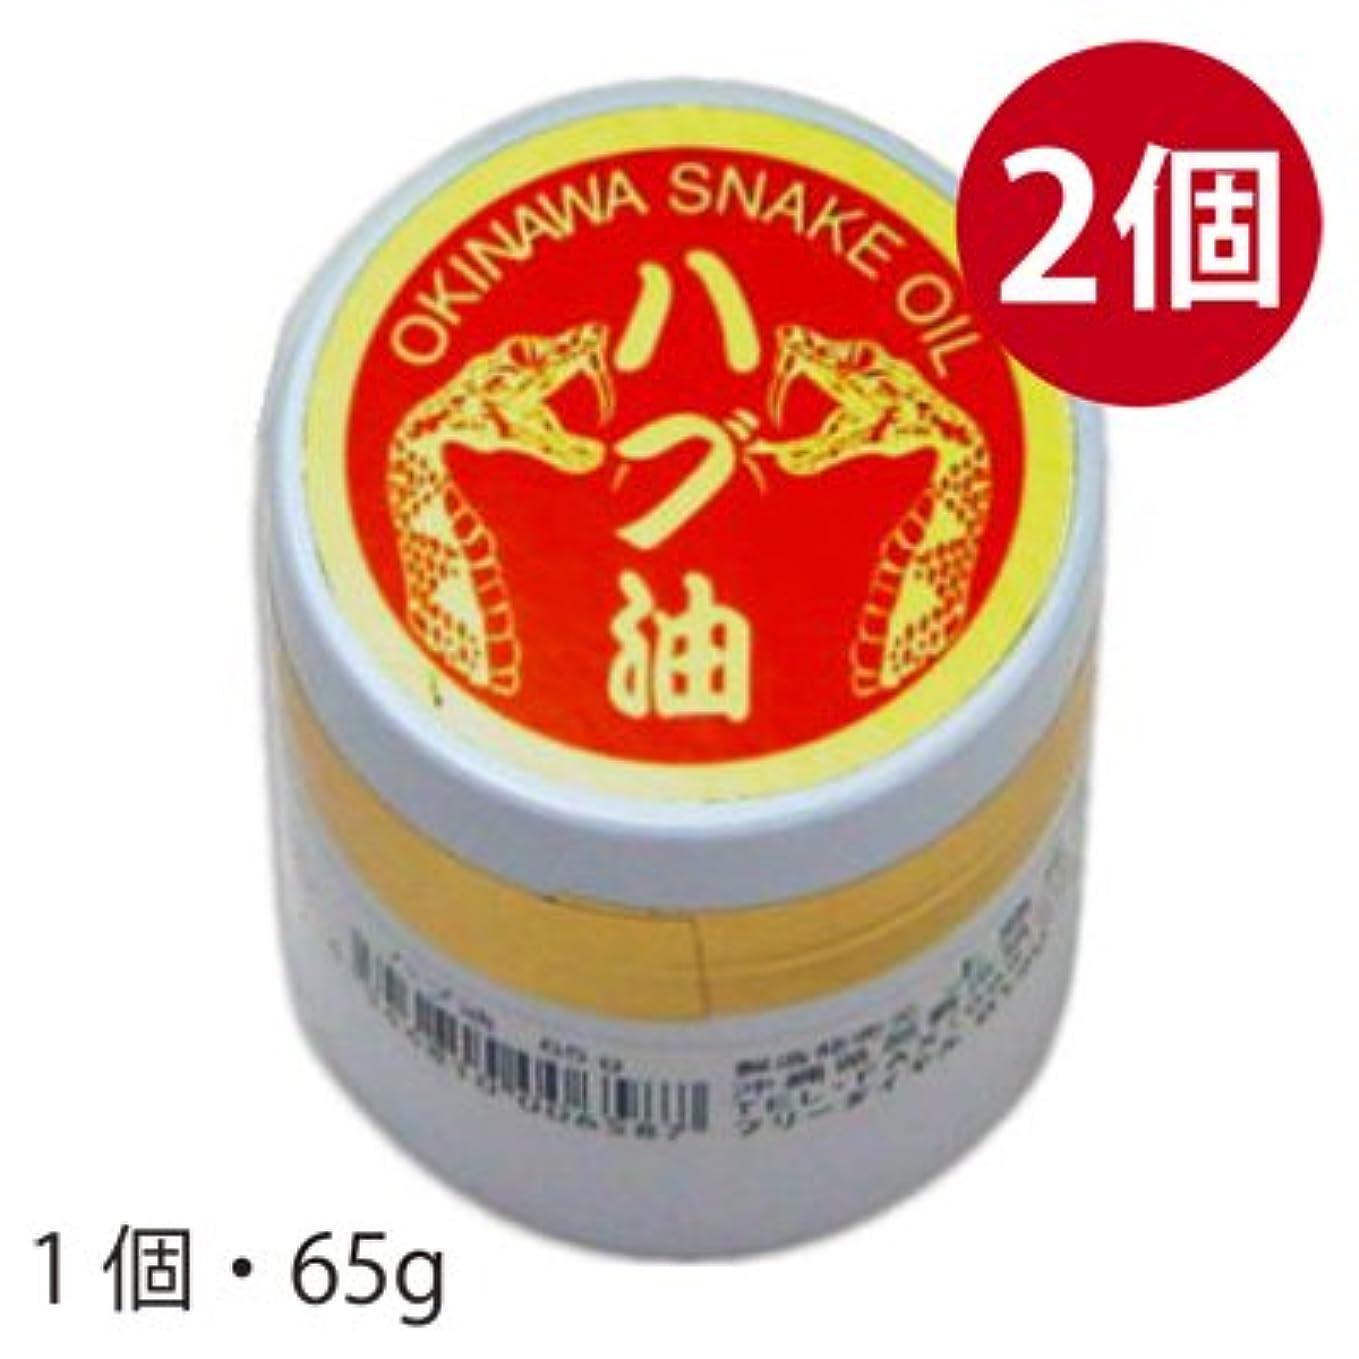 毎日控えめなとらえどころのない沖縄県産 ハブ油軟膏タイプ 65g×2個